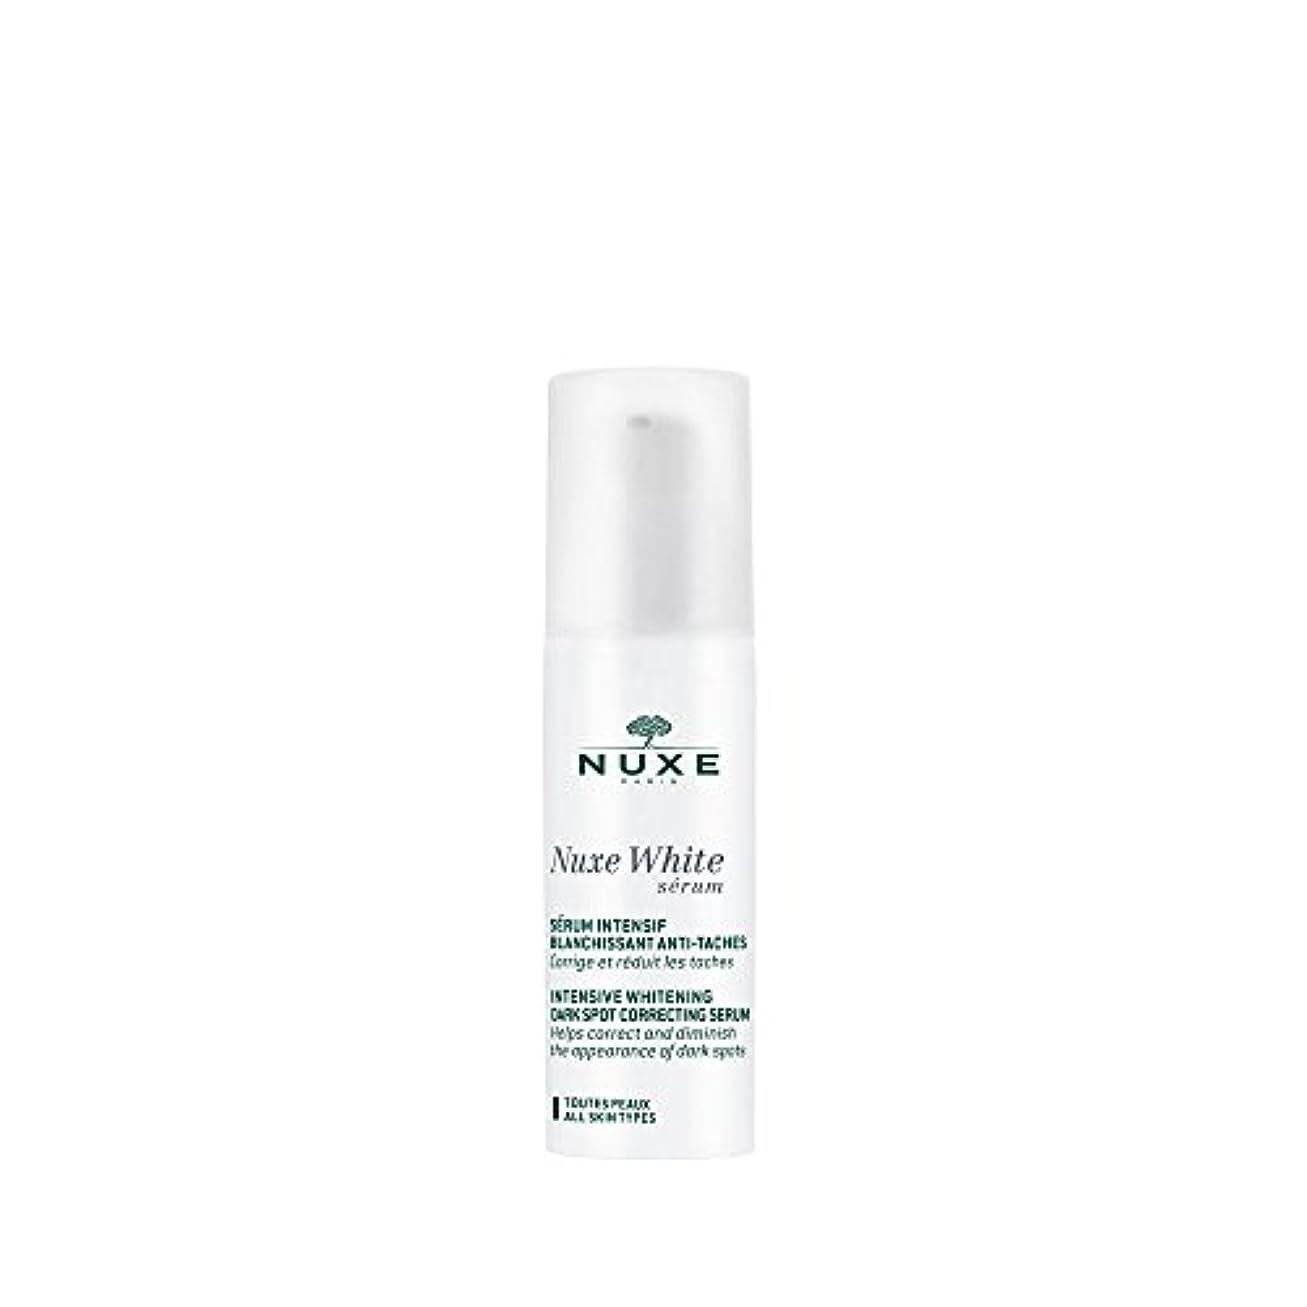 消去適応的十分にニュクス(NUXE) ニュクスホワイト インテンシブ ホワイトニング セラム (医薬部外品) 美容液 30mL